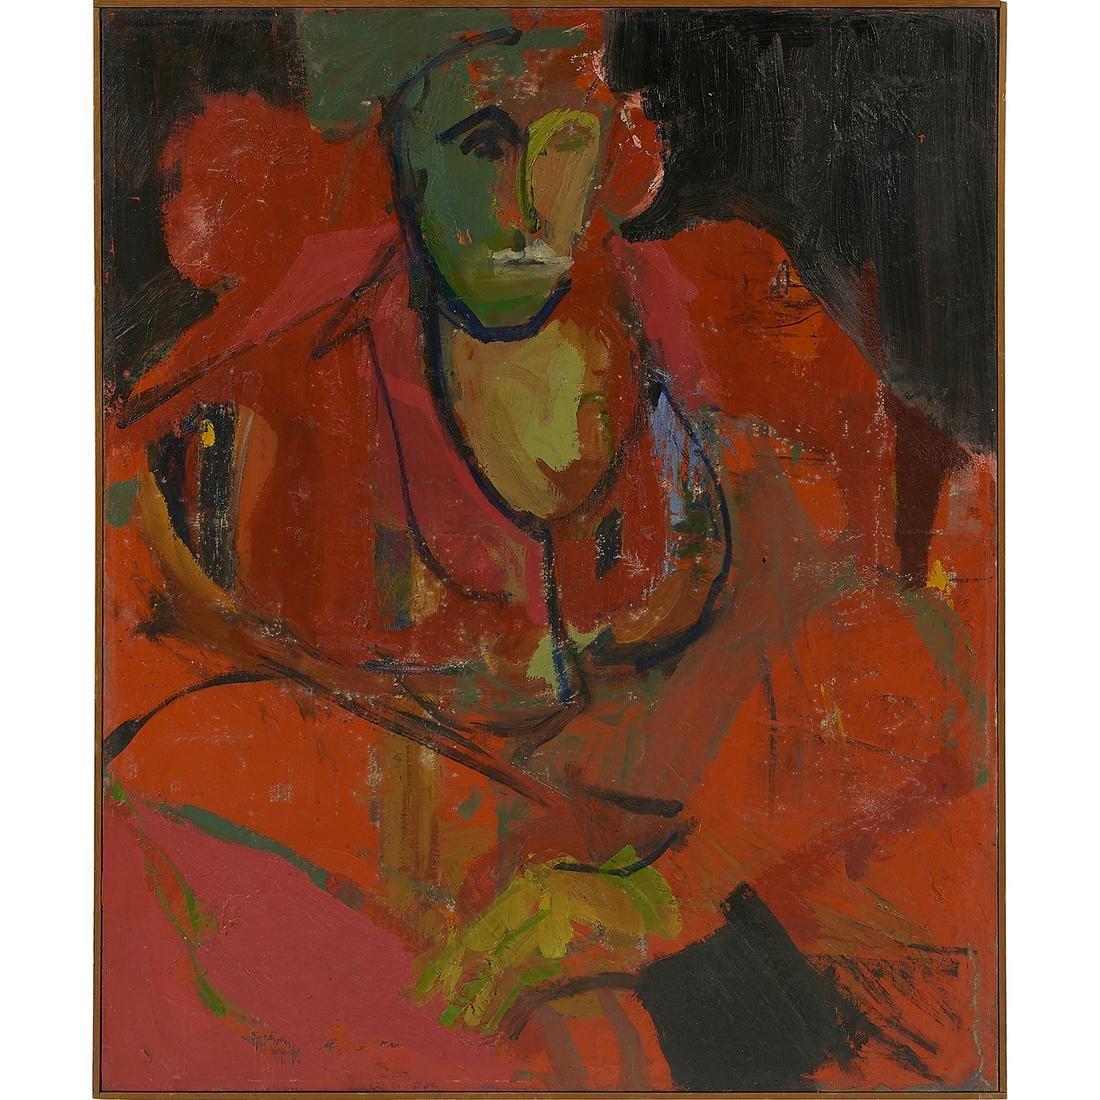 Charles Senseman, Figure, oil on canvas